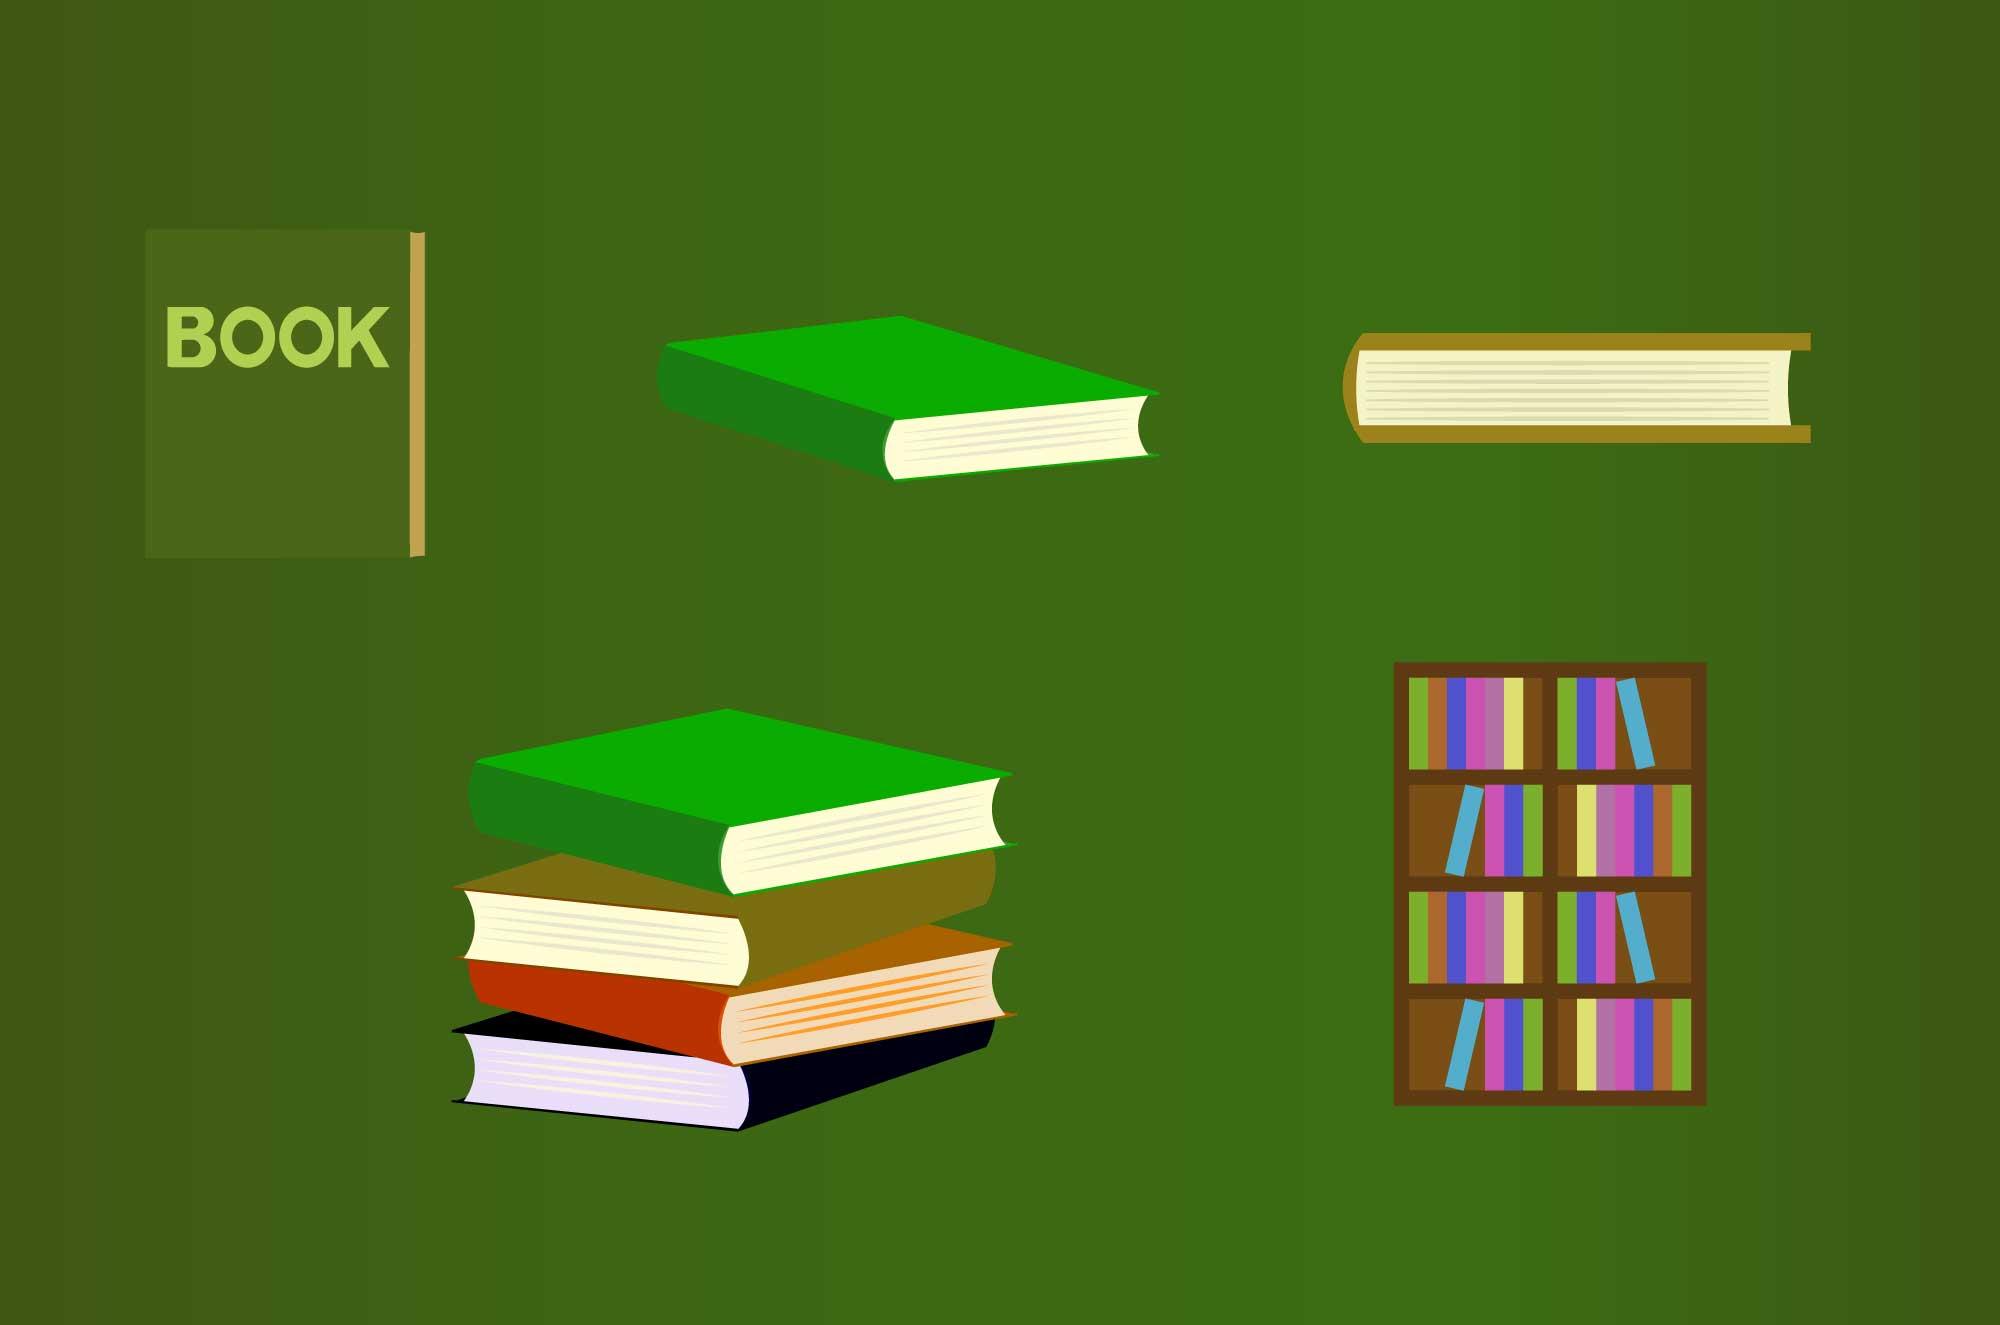 本の無料イラスト - 正面・横・縦、本棚のフリー素材